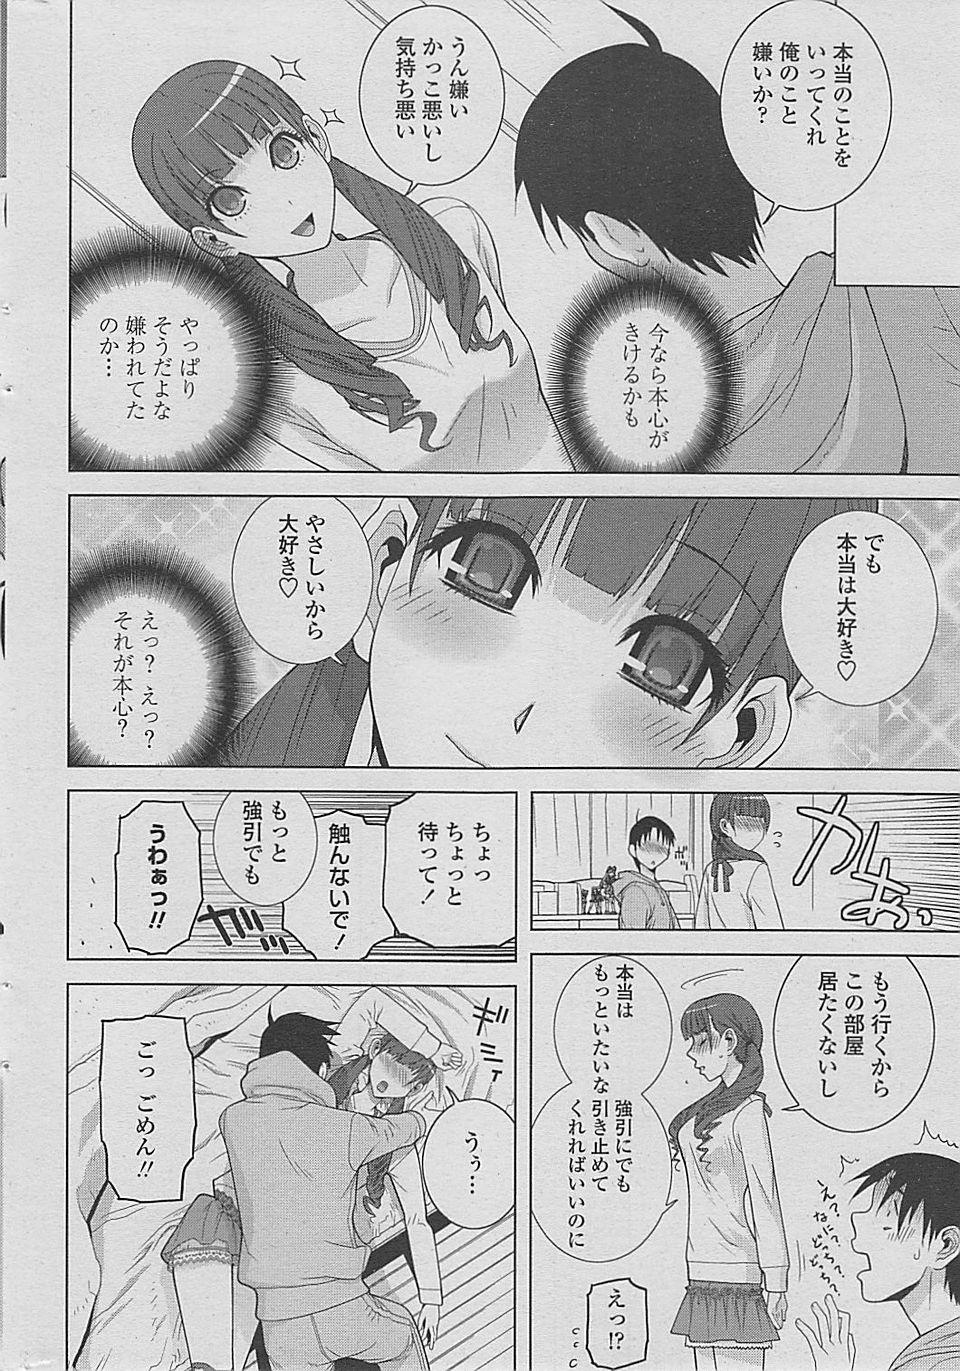 【エロ漫画・エロ同人誌】巨乳の義妹に催眠術かけてって言われたからかけてみたらかかったみたいwツンデレ全開になっちゃってセックスしちゃったwww (6)